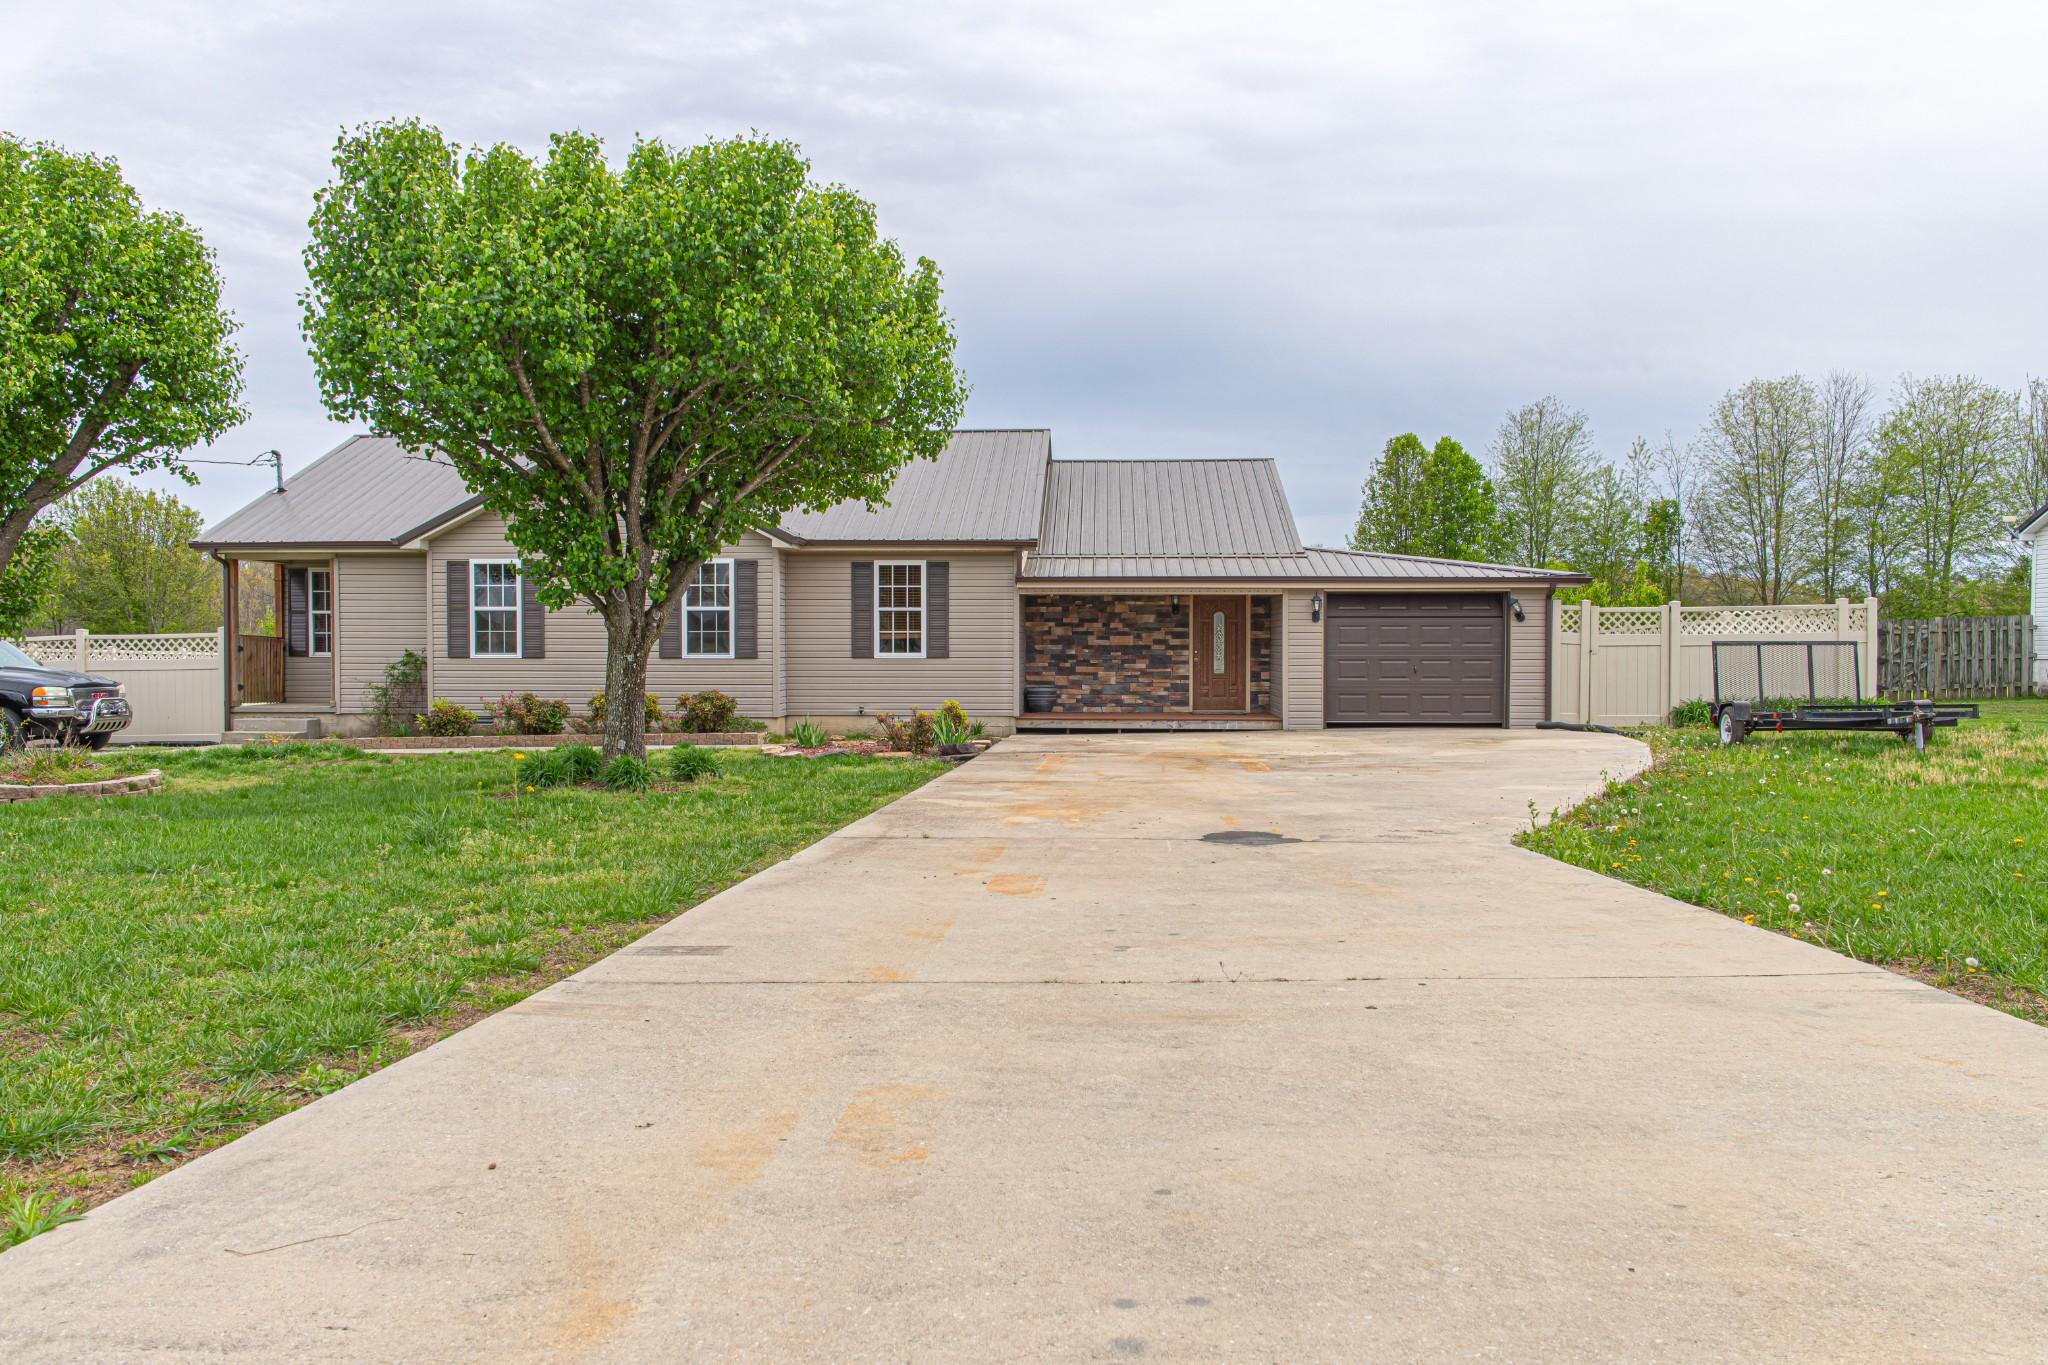 769 Six Mile Board Rd, Belvidere, TN 37306 - Belvidere, TN real estate listing